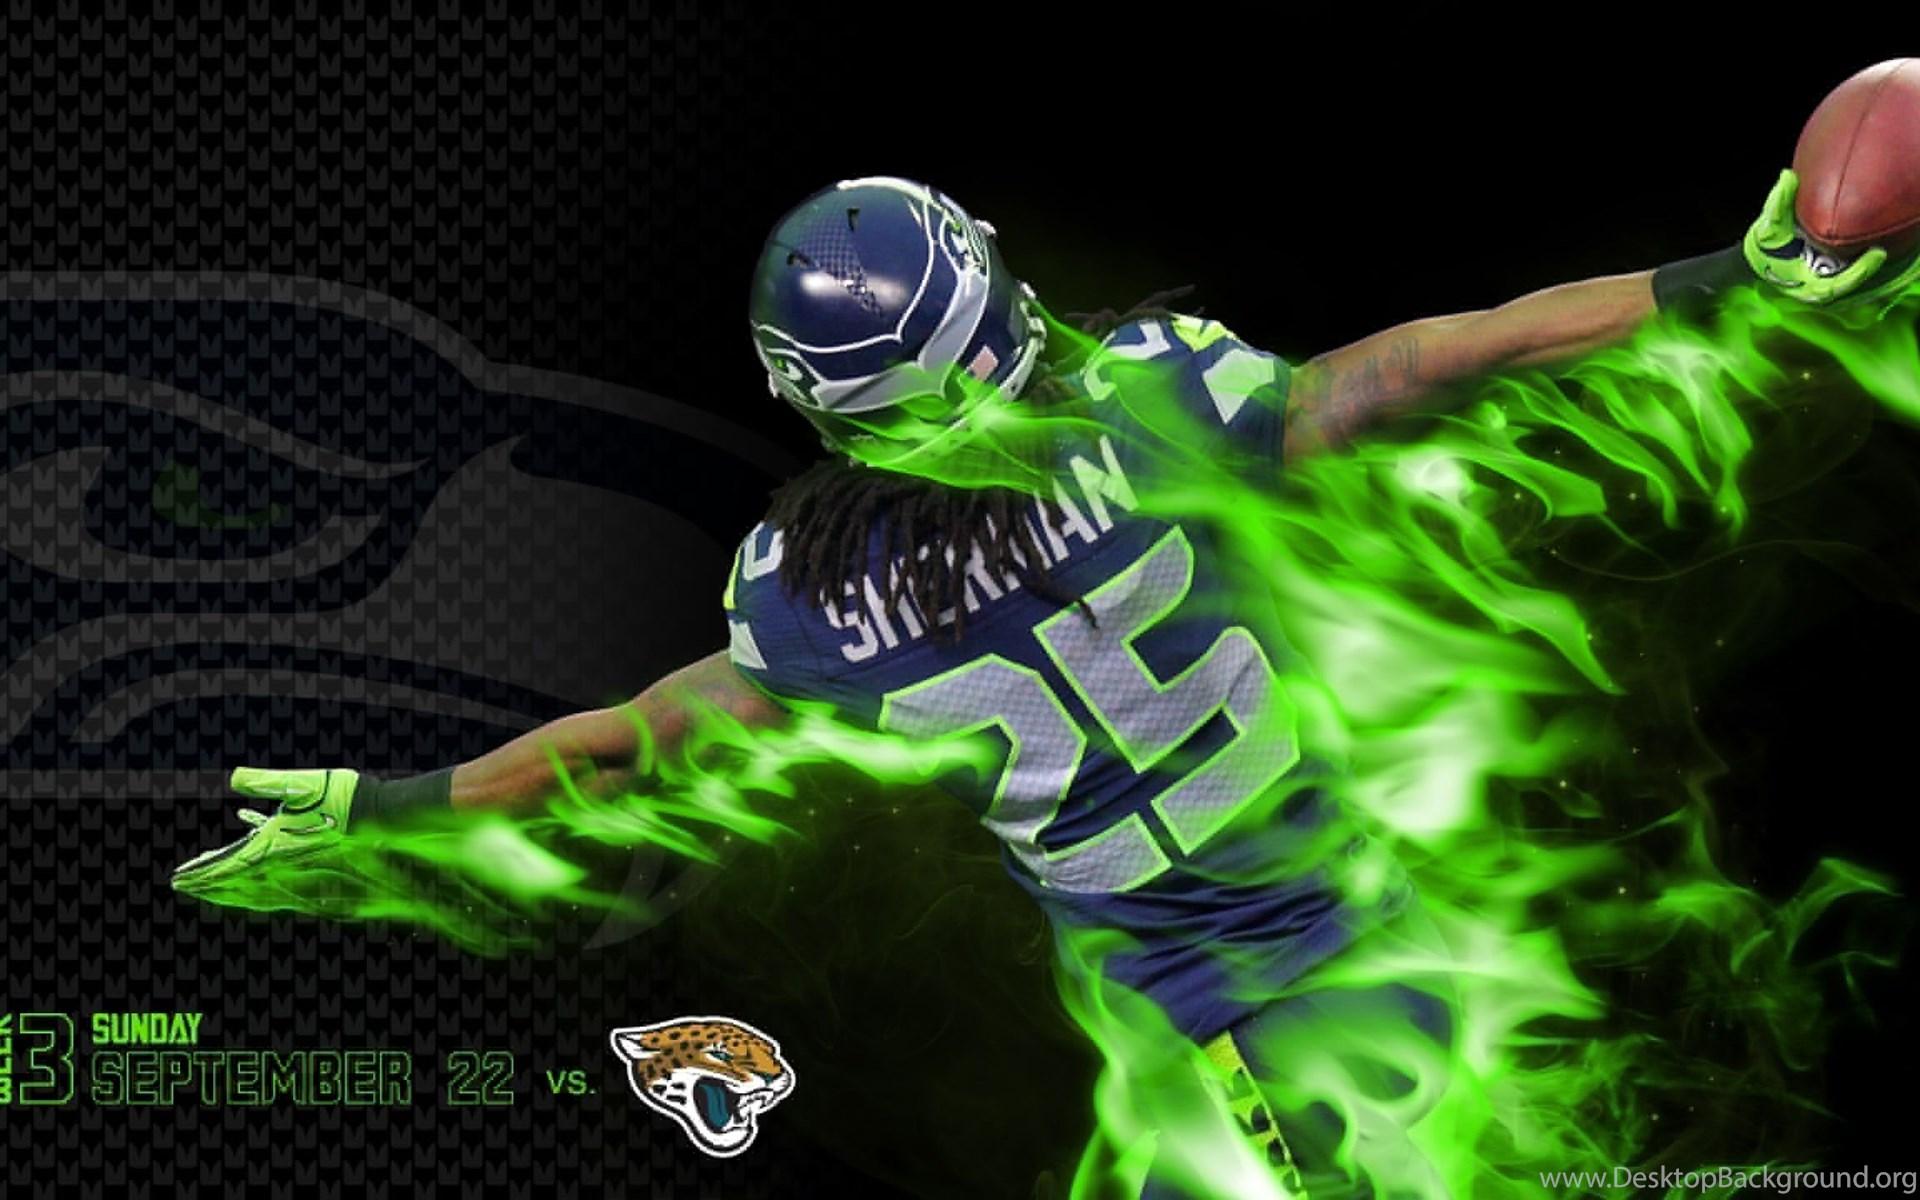 Seattle Seahawks Wallpapers Desktop Background